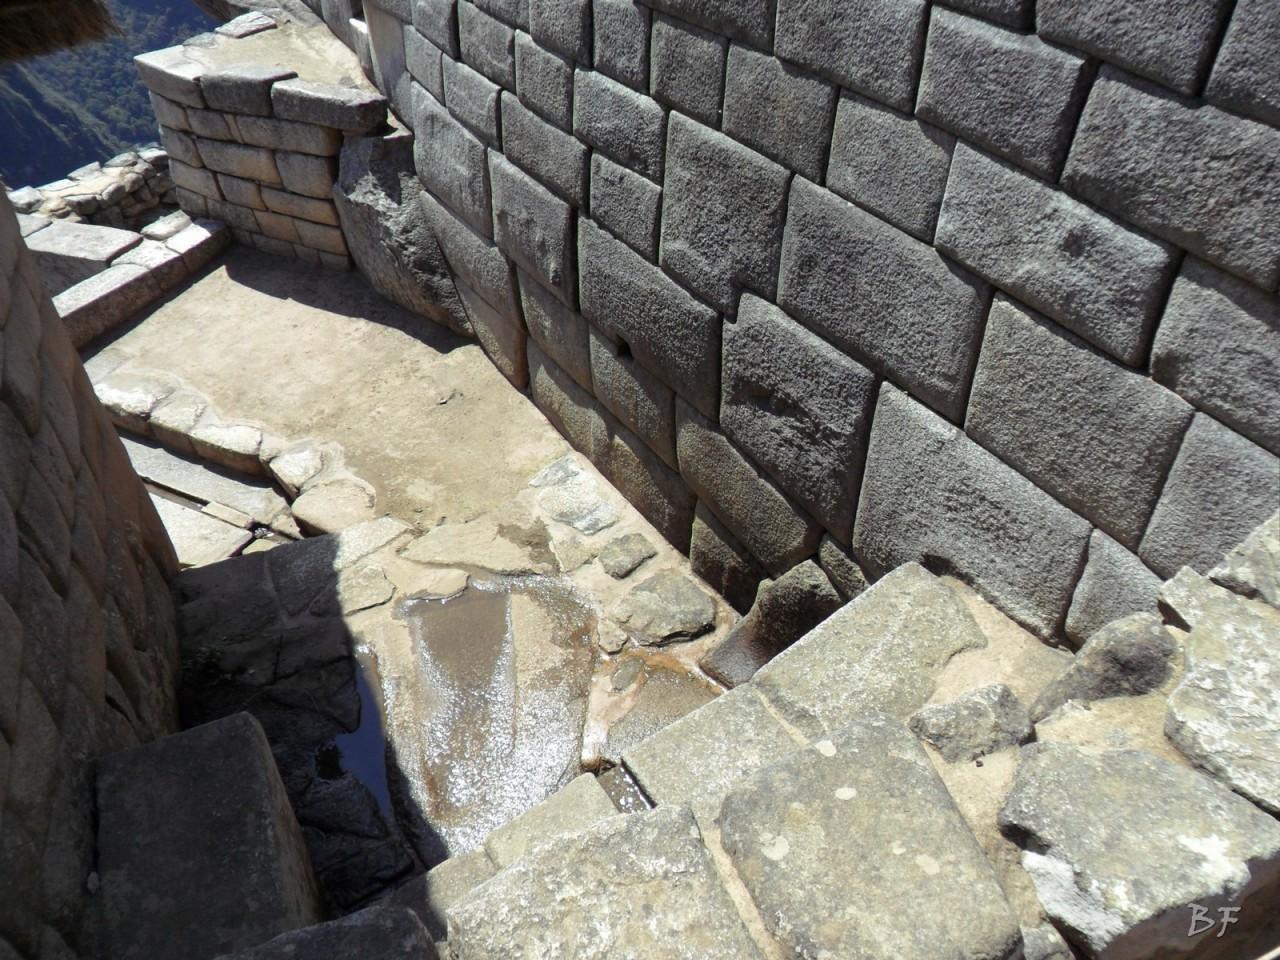 Mura-Poligonali-Incisioni-Altari-Edifici-Rupestri-Megaliti-Machu-Picchu-Aguas-Calientes-Urubamba-Cusco-Perù-30